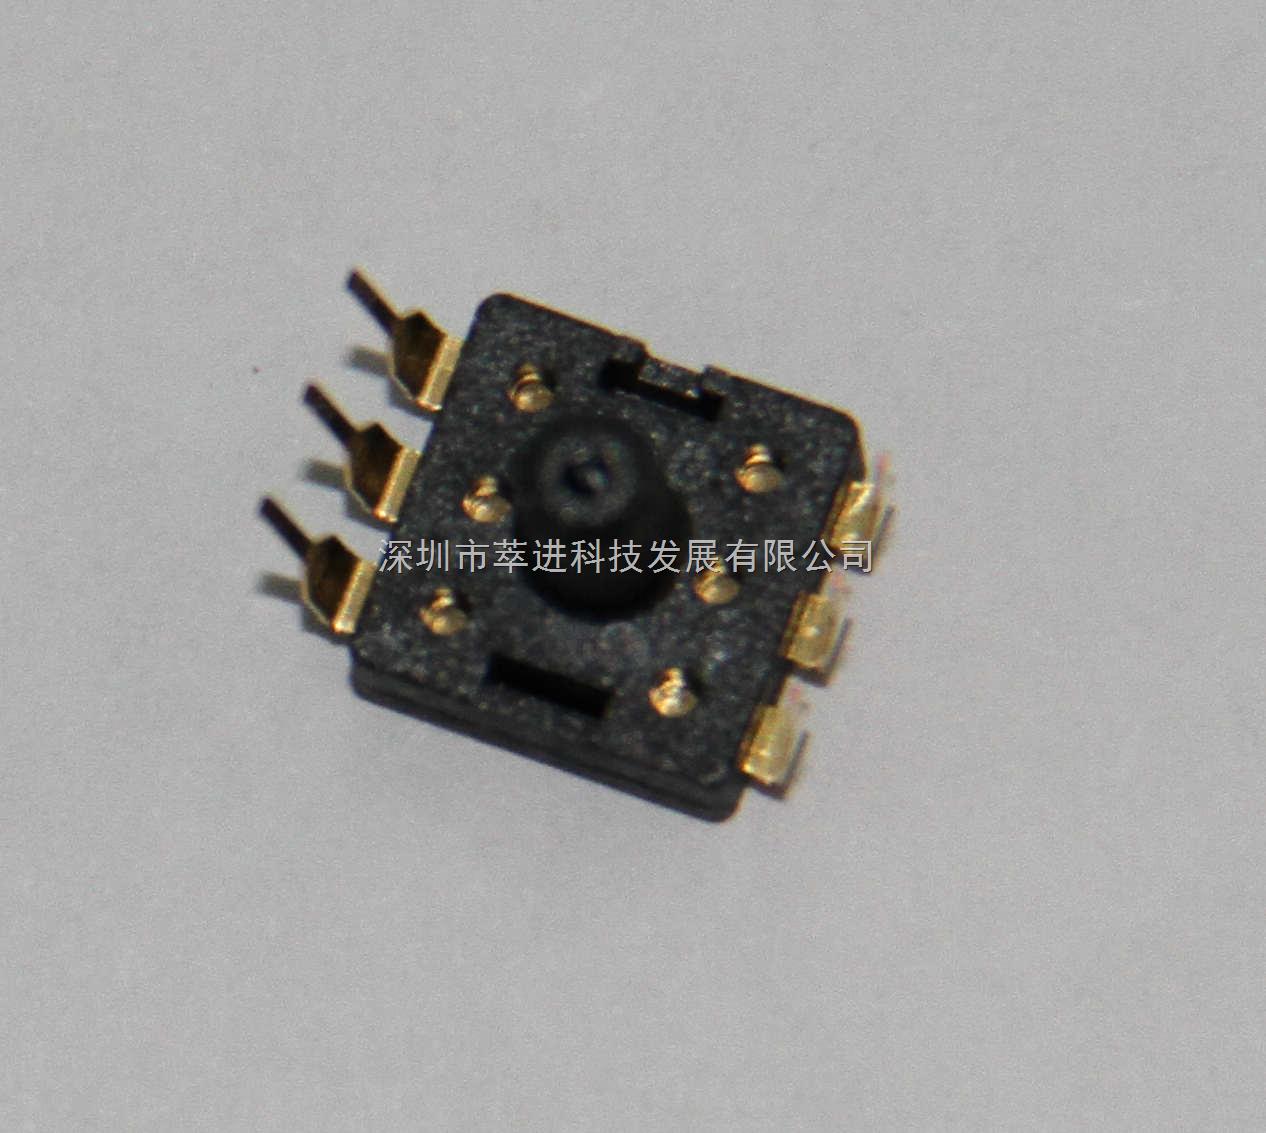 压力传感器us9111-006-u